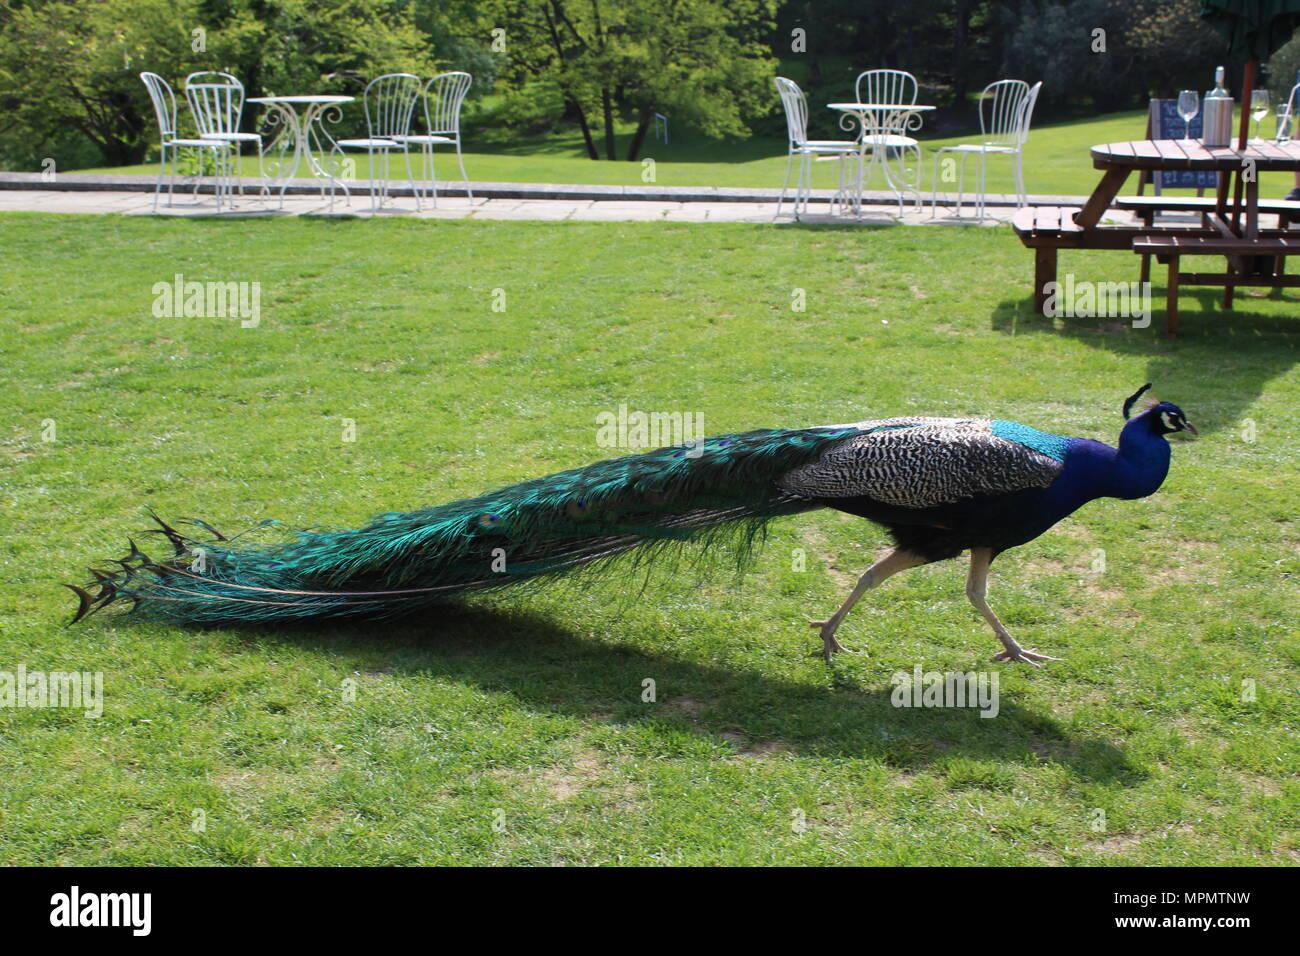 Peacock walking through garden - Stock Image